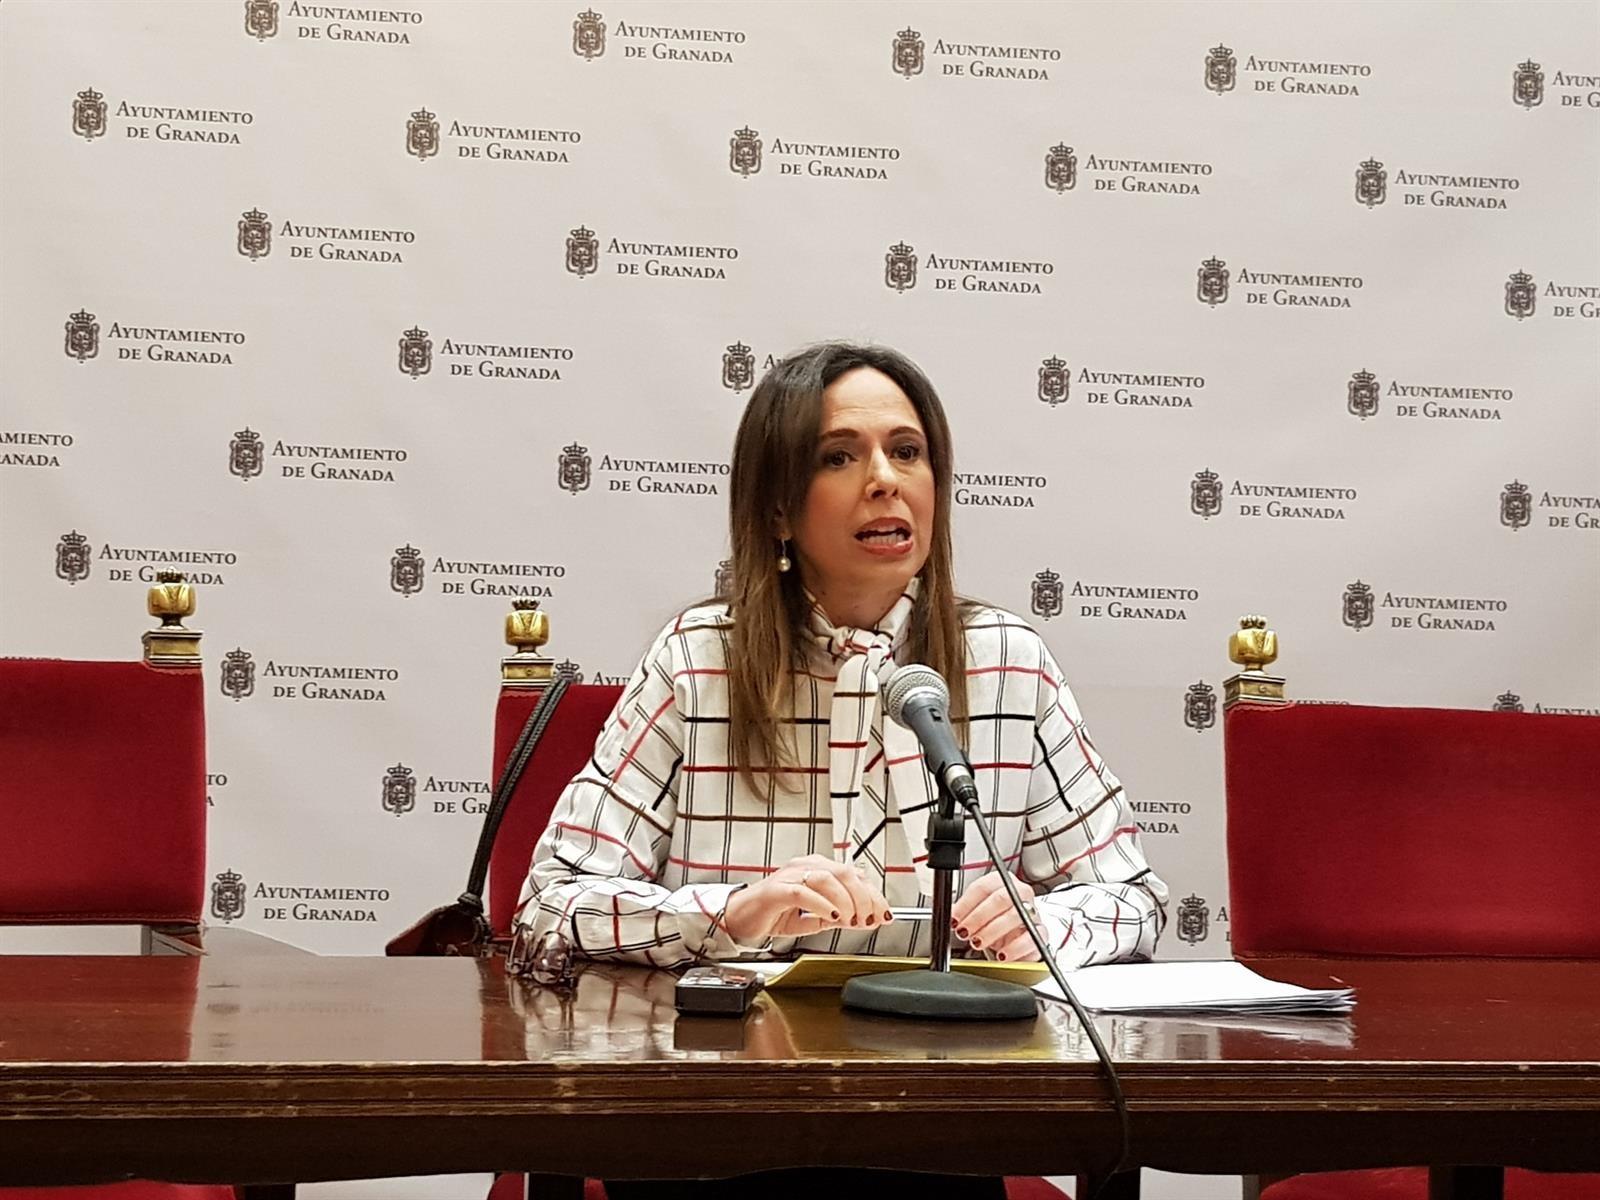 El Patronato de la Alhambra aborda este viernes el nombramiento de Rocío Díaz como nueva directora